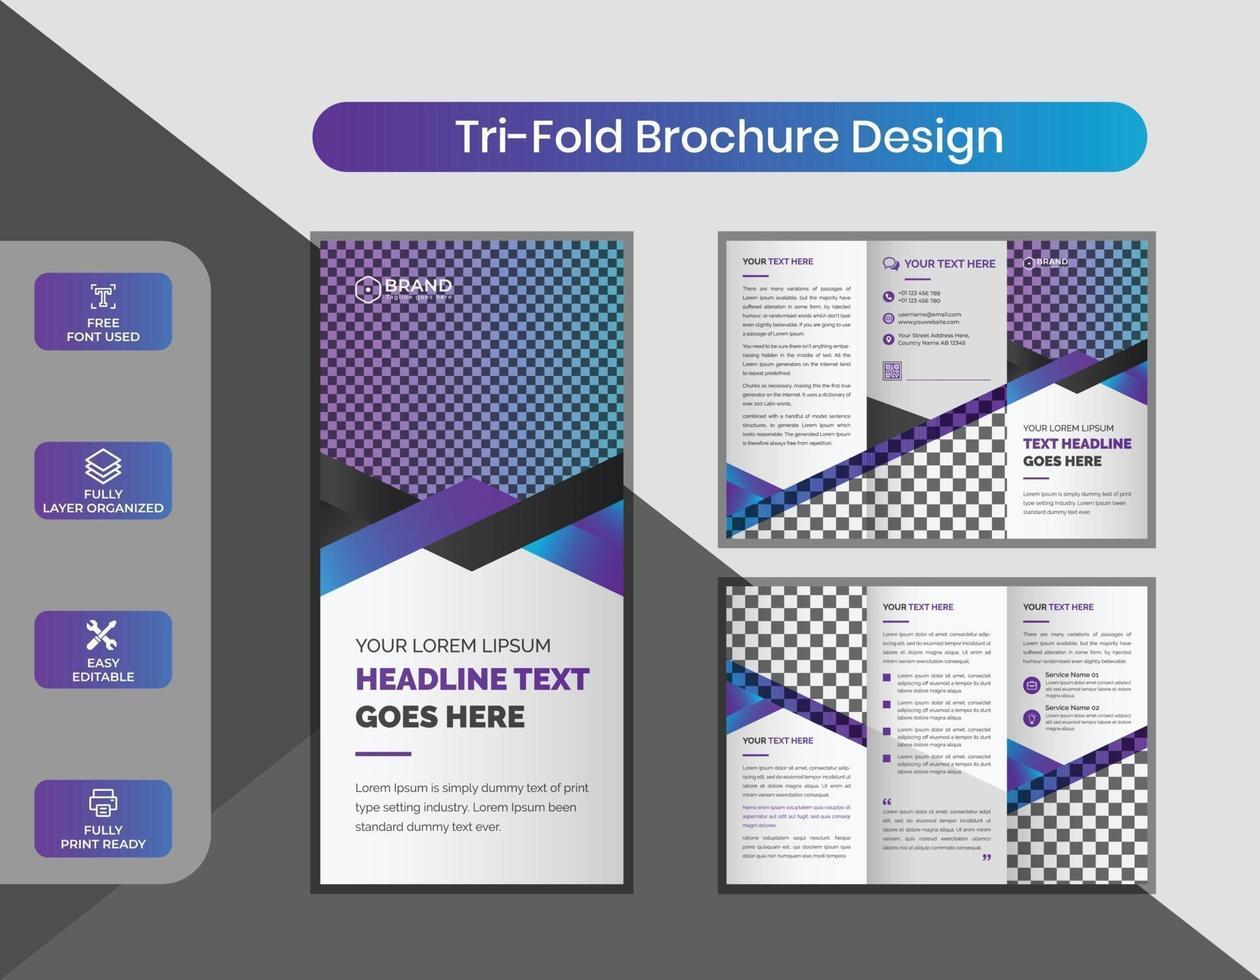 kreativa moderna företags trippel broschyr formgivningsmall vektor